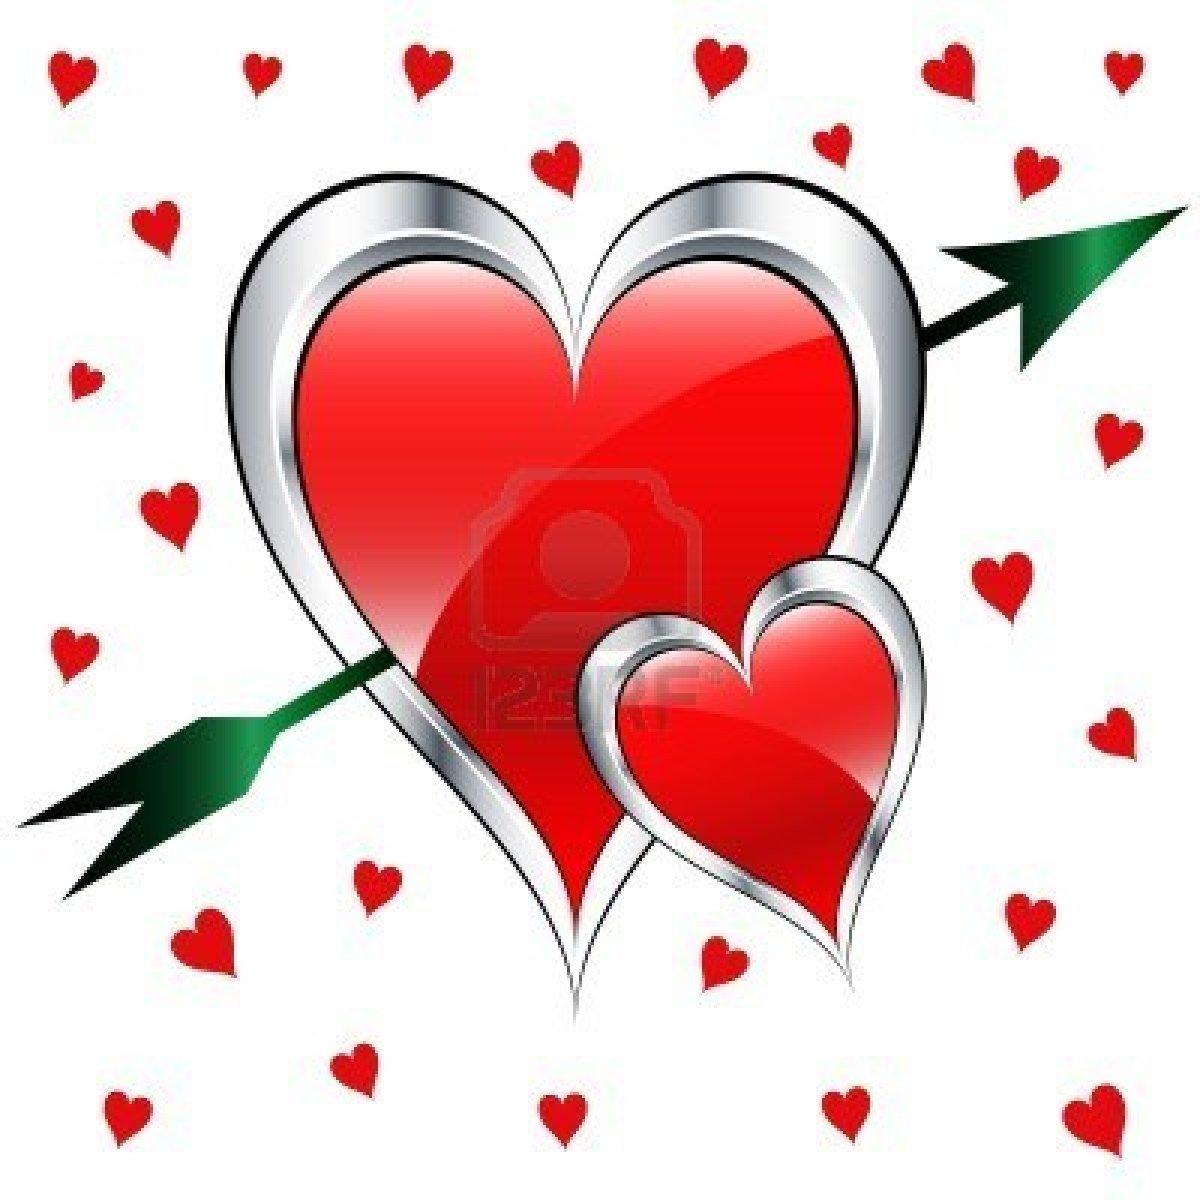 Imagenes Corazon ES De Amor